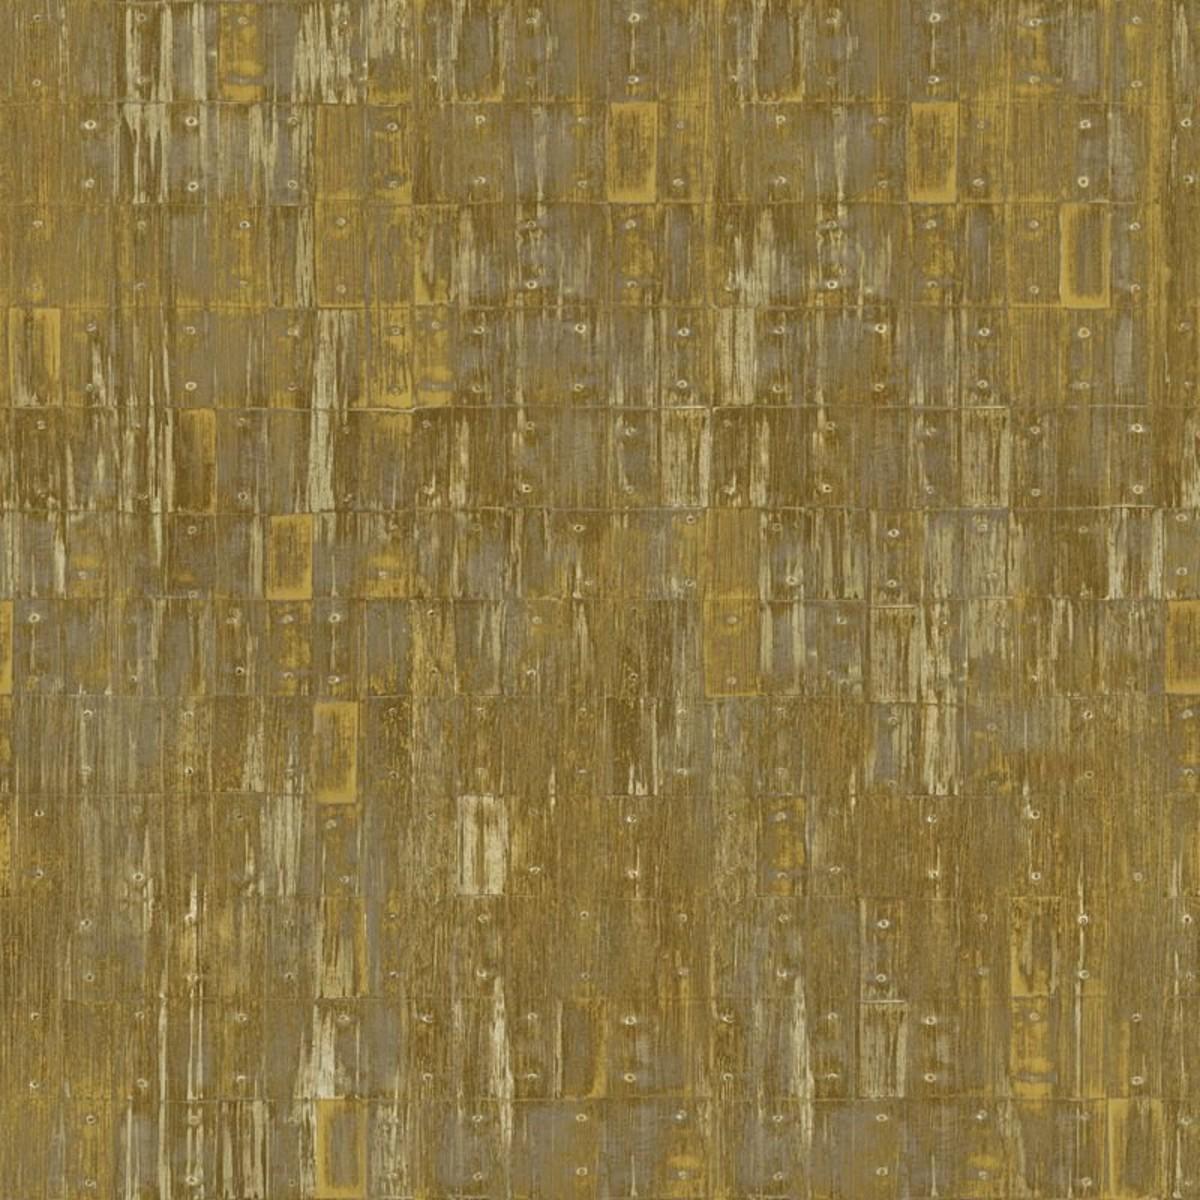 Обои флизелиновые Did Serendipity 2 коричневые 0.53 м SR210805